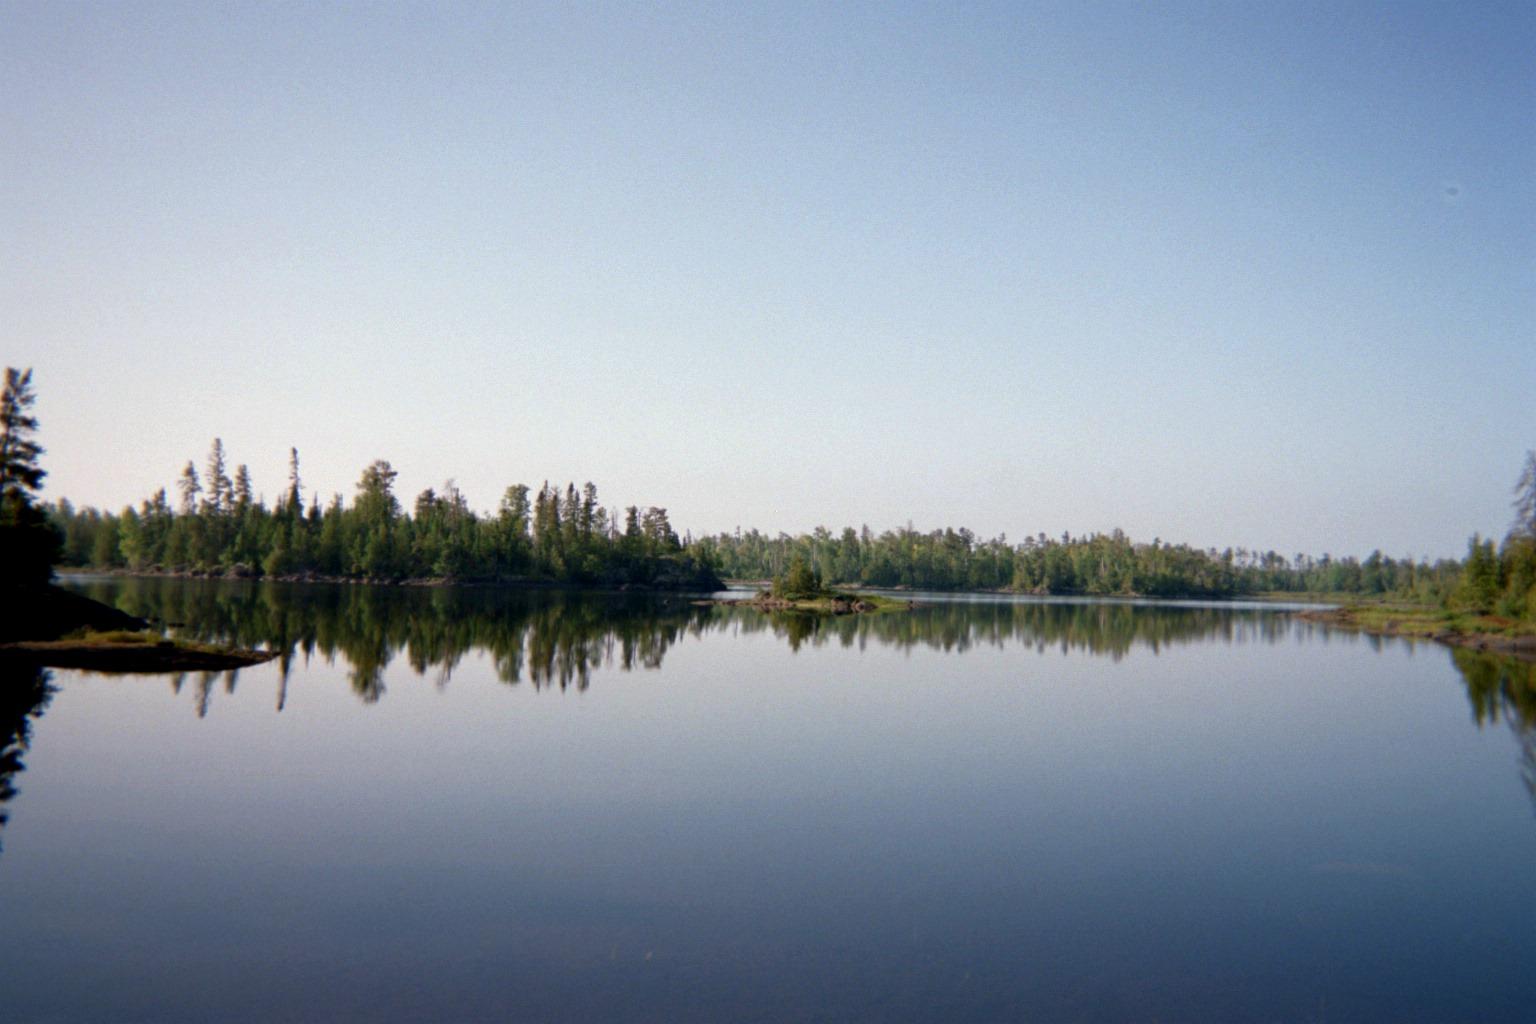 Insula Lake